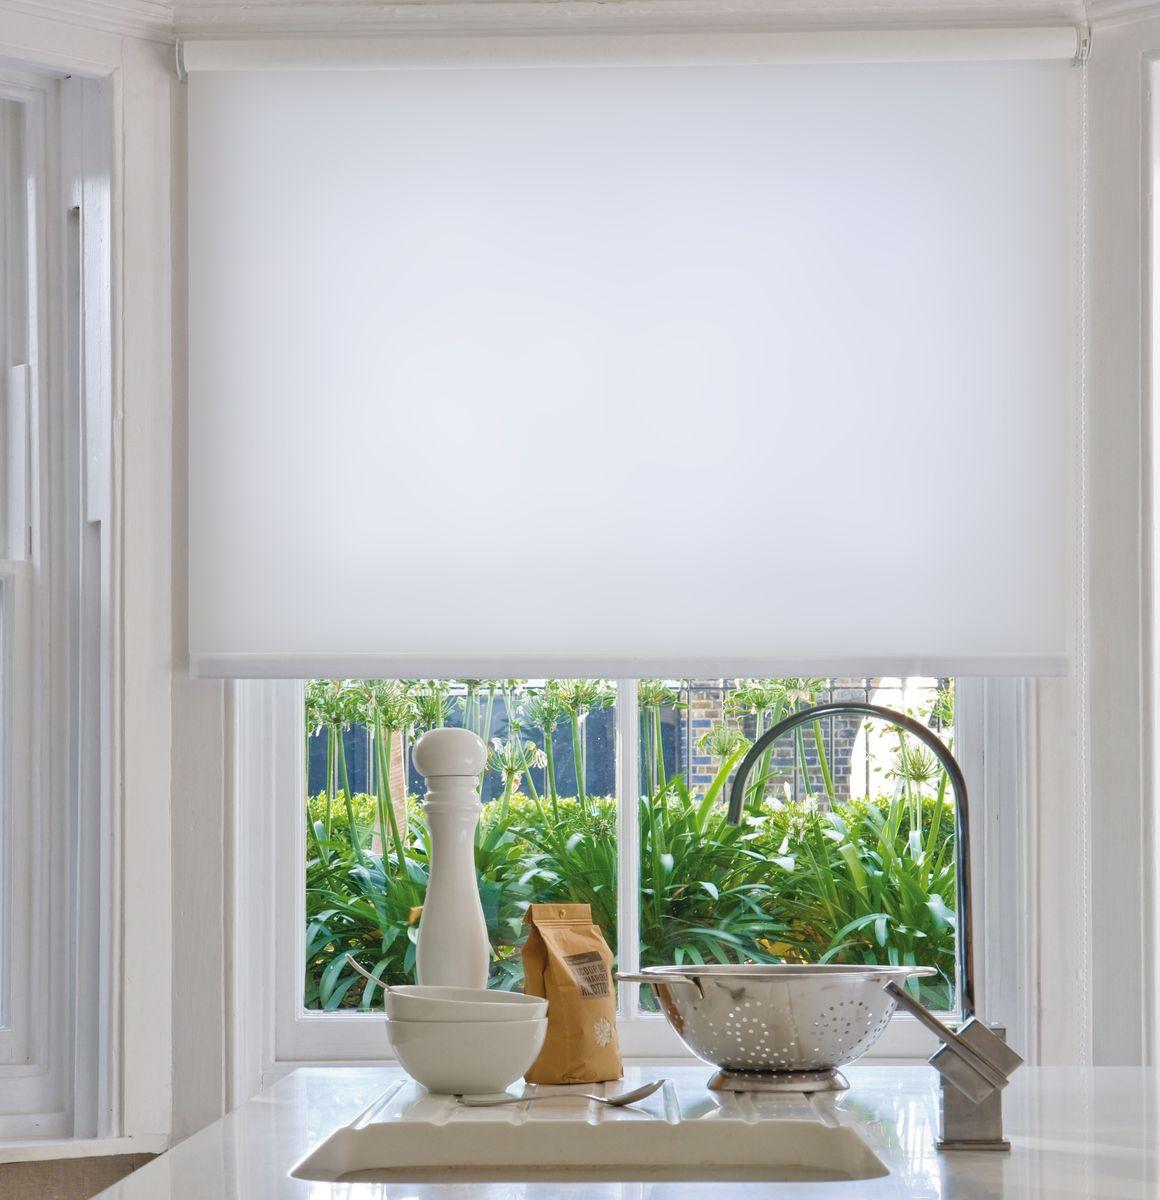 Штора рулонная Эскар Миниролло, цвет: белый, ширина 90 см, высота 170 см31008090170Рулонными шторами можно оформлять окна как самостоятельно, так и использовать в комбинации с портьерами. Это поможет предотвратить выгорание дорогой ткани на солнце и соединит функционал рулонных с красотой навесных. Преимущества применения рулонных штор для пластиковых окон: - имеют прекрасный внешний вид: многообразие и фактурность материала изделия отлично смотрятся в любом интерьере;- многофункциональны: есть возможность подобрать шторы способные эффективно защитить комнату от солнца, при этом она не будет слишком темной. - Есть возможность осуществить быстрый монтаж.ВНИМАНИЕ! Размеры ширины изделия указаны по ширине ткани! Во время эксплуатации не рекомендуется полностью разматывать рулон, чтобы не оторвать ткань от намоточного вала. В случае загрязнения поверхности ткани, чистку шторы проводят одним из способов, в зависимости от типа загрязнения:легкое поверхностное загрязнение можно удалить при помощи канцелярского ластика;чистка от пыли производится сухим методом при помощи пылесоса с мягкой щеткой-насадкой;для удаления пятна используйте мягкую губку с пенообразующим неагрессивным моющим средством или пятновыводитель на натуральной основе (нельзя применять растворители).